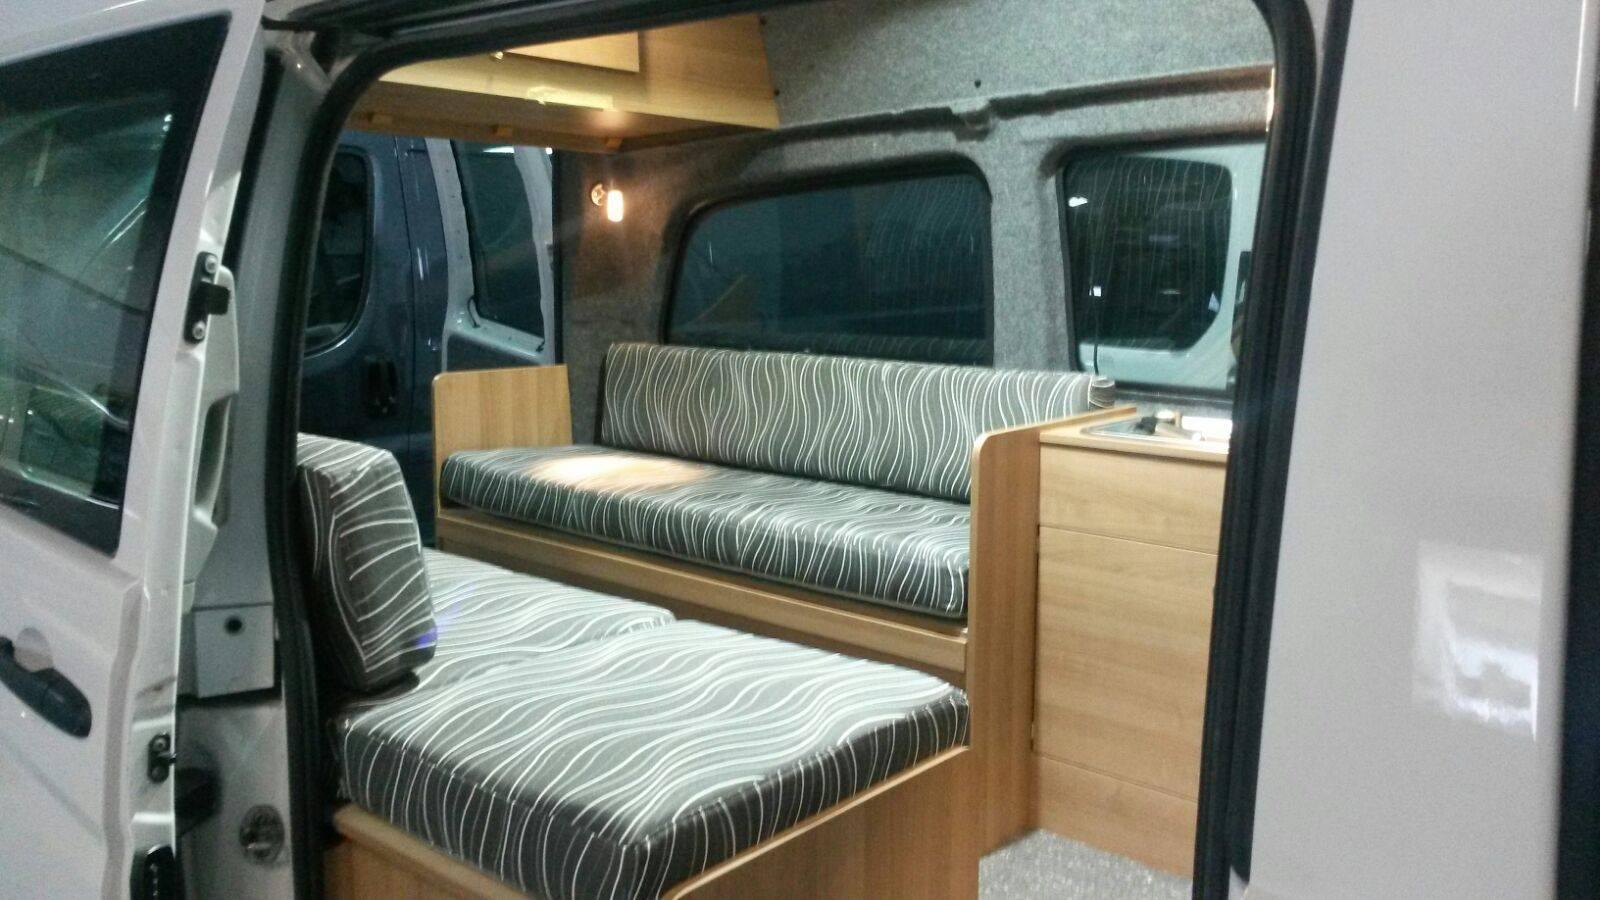 Topmatras Voor Caravan.Schuimrubber Makkelijk En Veilig Online Bestellen